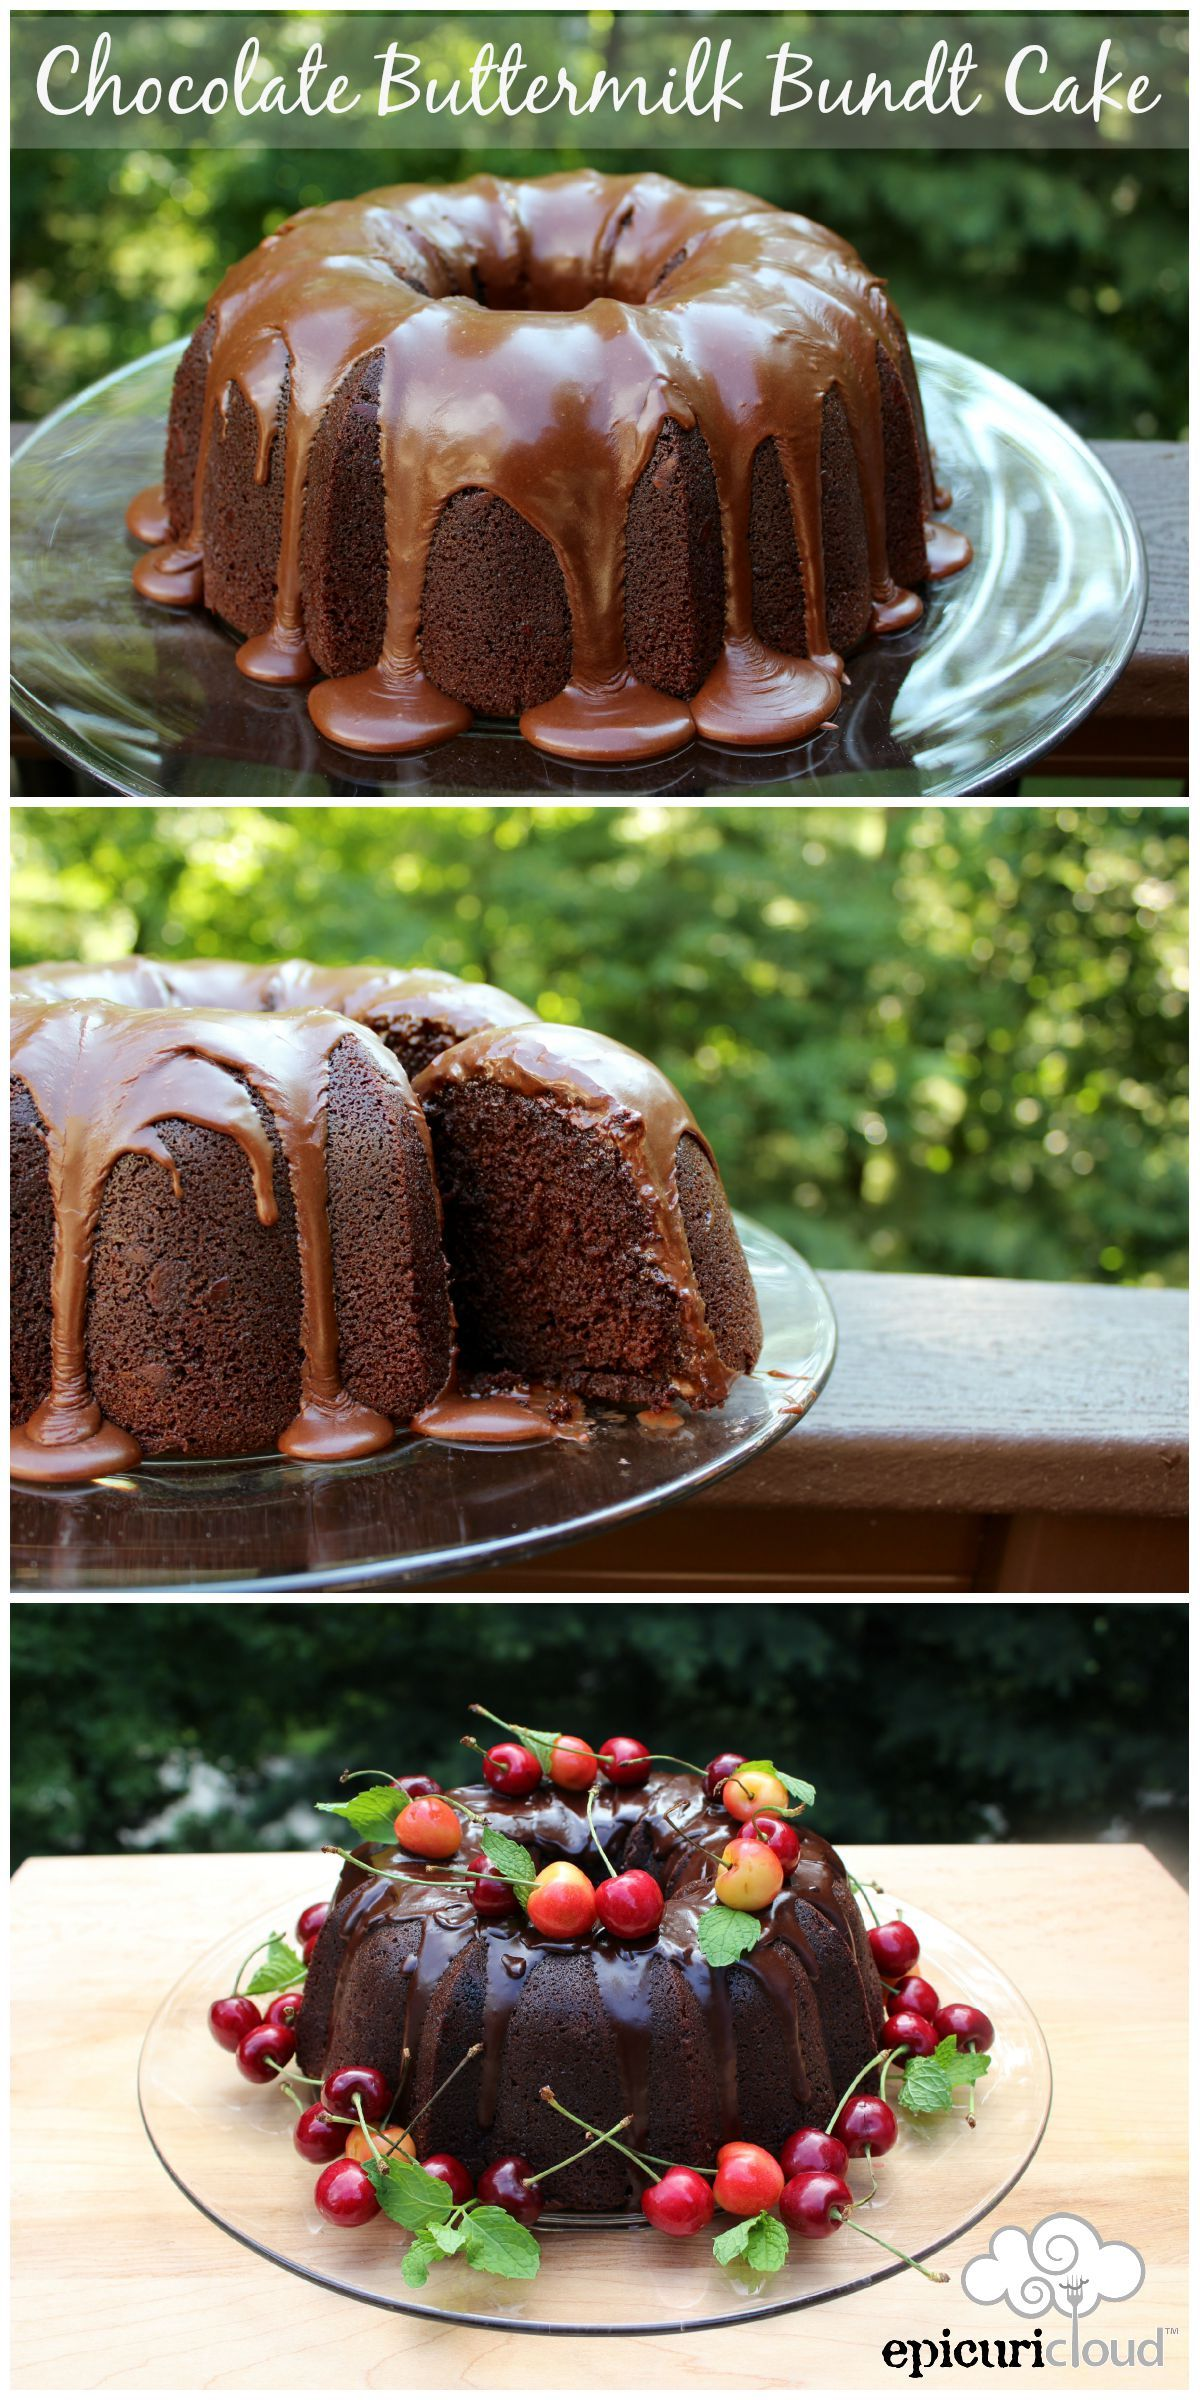 Chocolate Buttermilk Bundt Cake Epicuricloud Tina Verrelli Recipe Super Moist Chocolate Cake Chocolate Bundt Cake Bundt Cakes Recipes